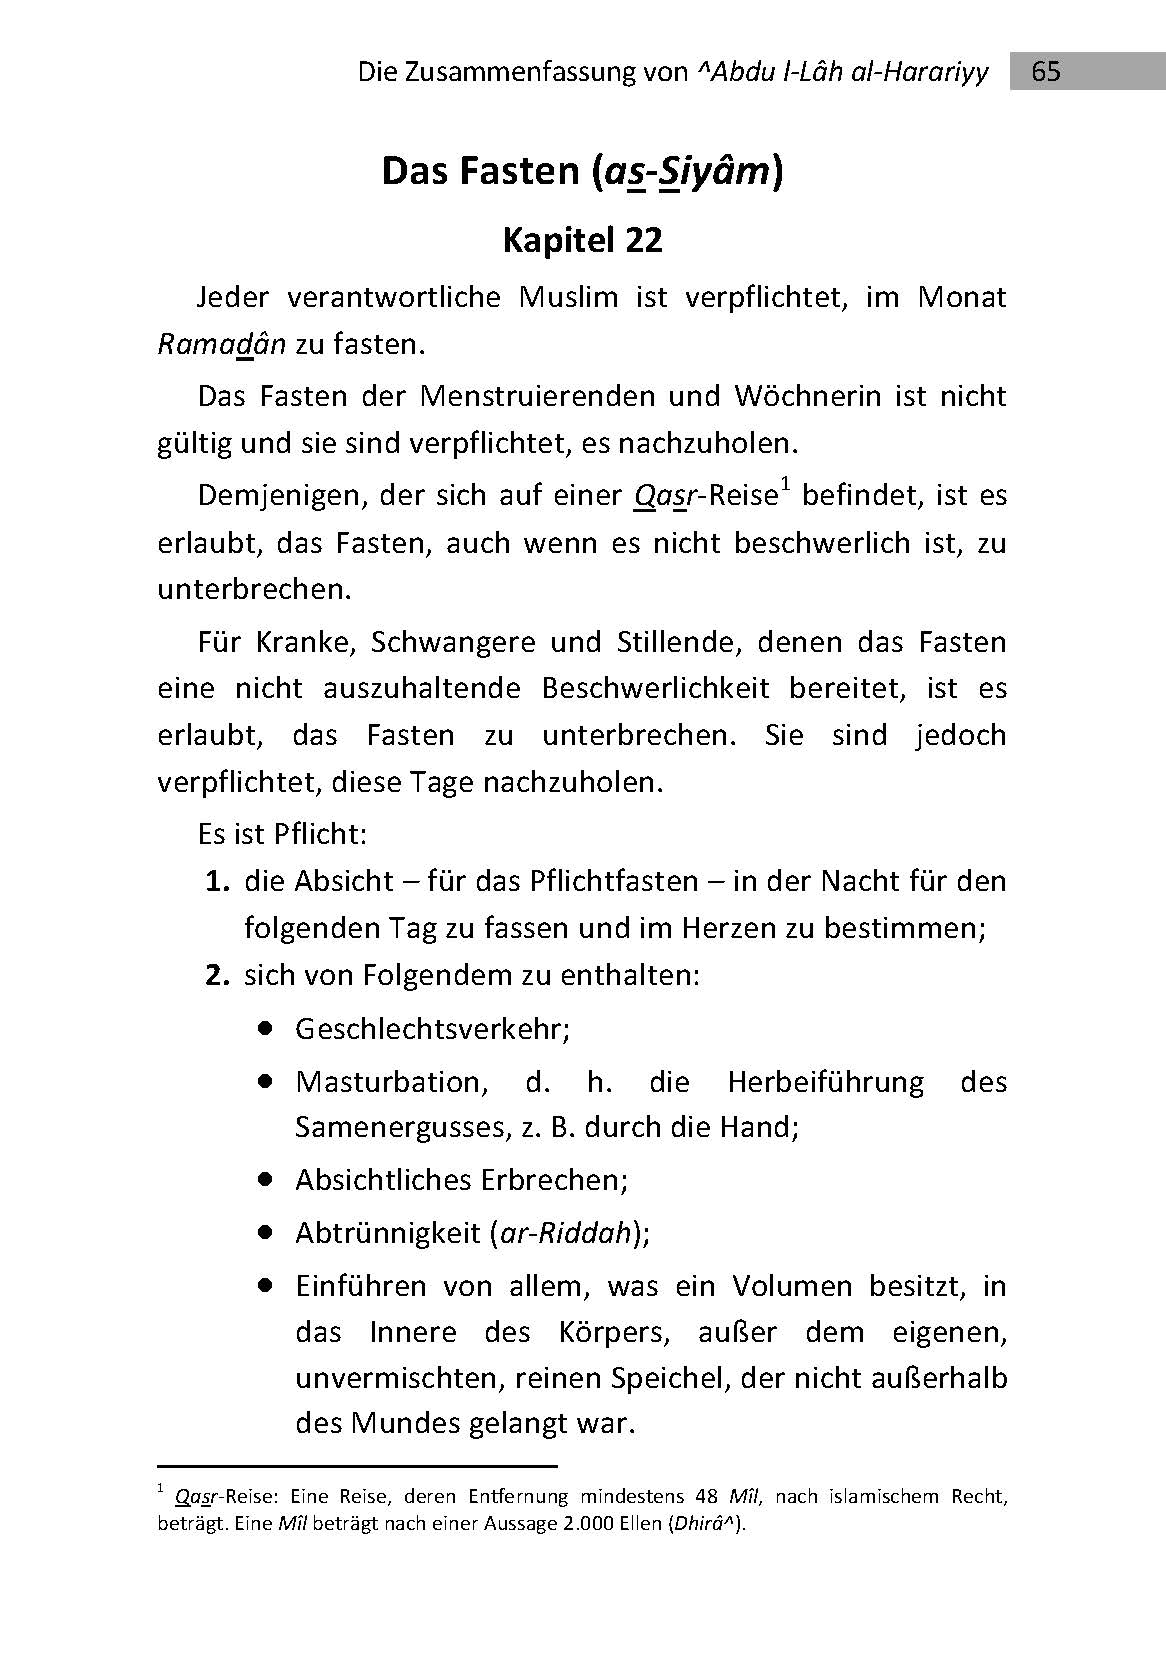 Die Zusammenfassung - 3. Auflage 2014_Seite_65